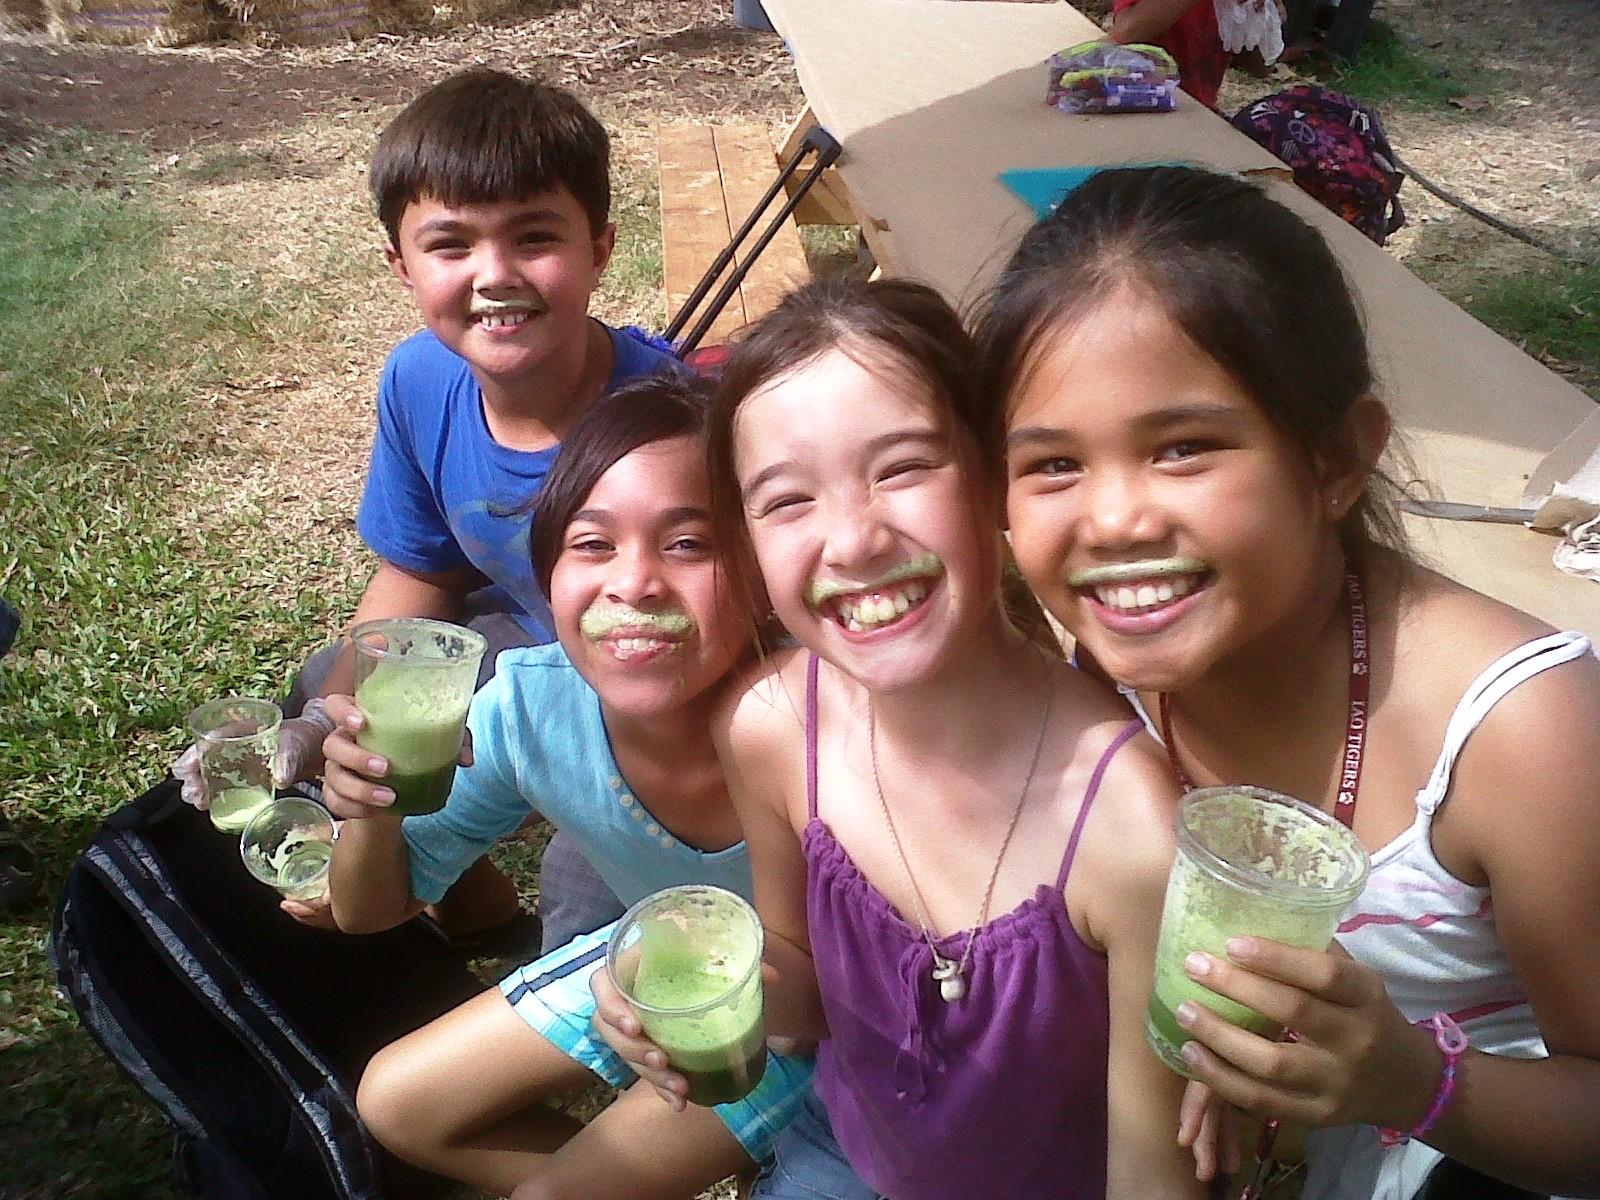 Green Smoothie 101 @ Kihei Elementary School Garden